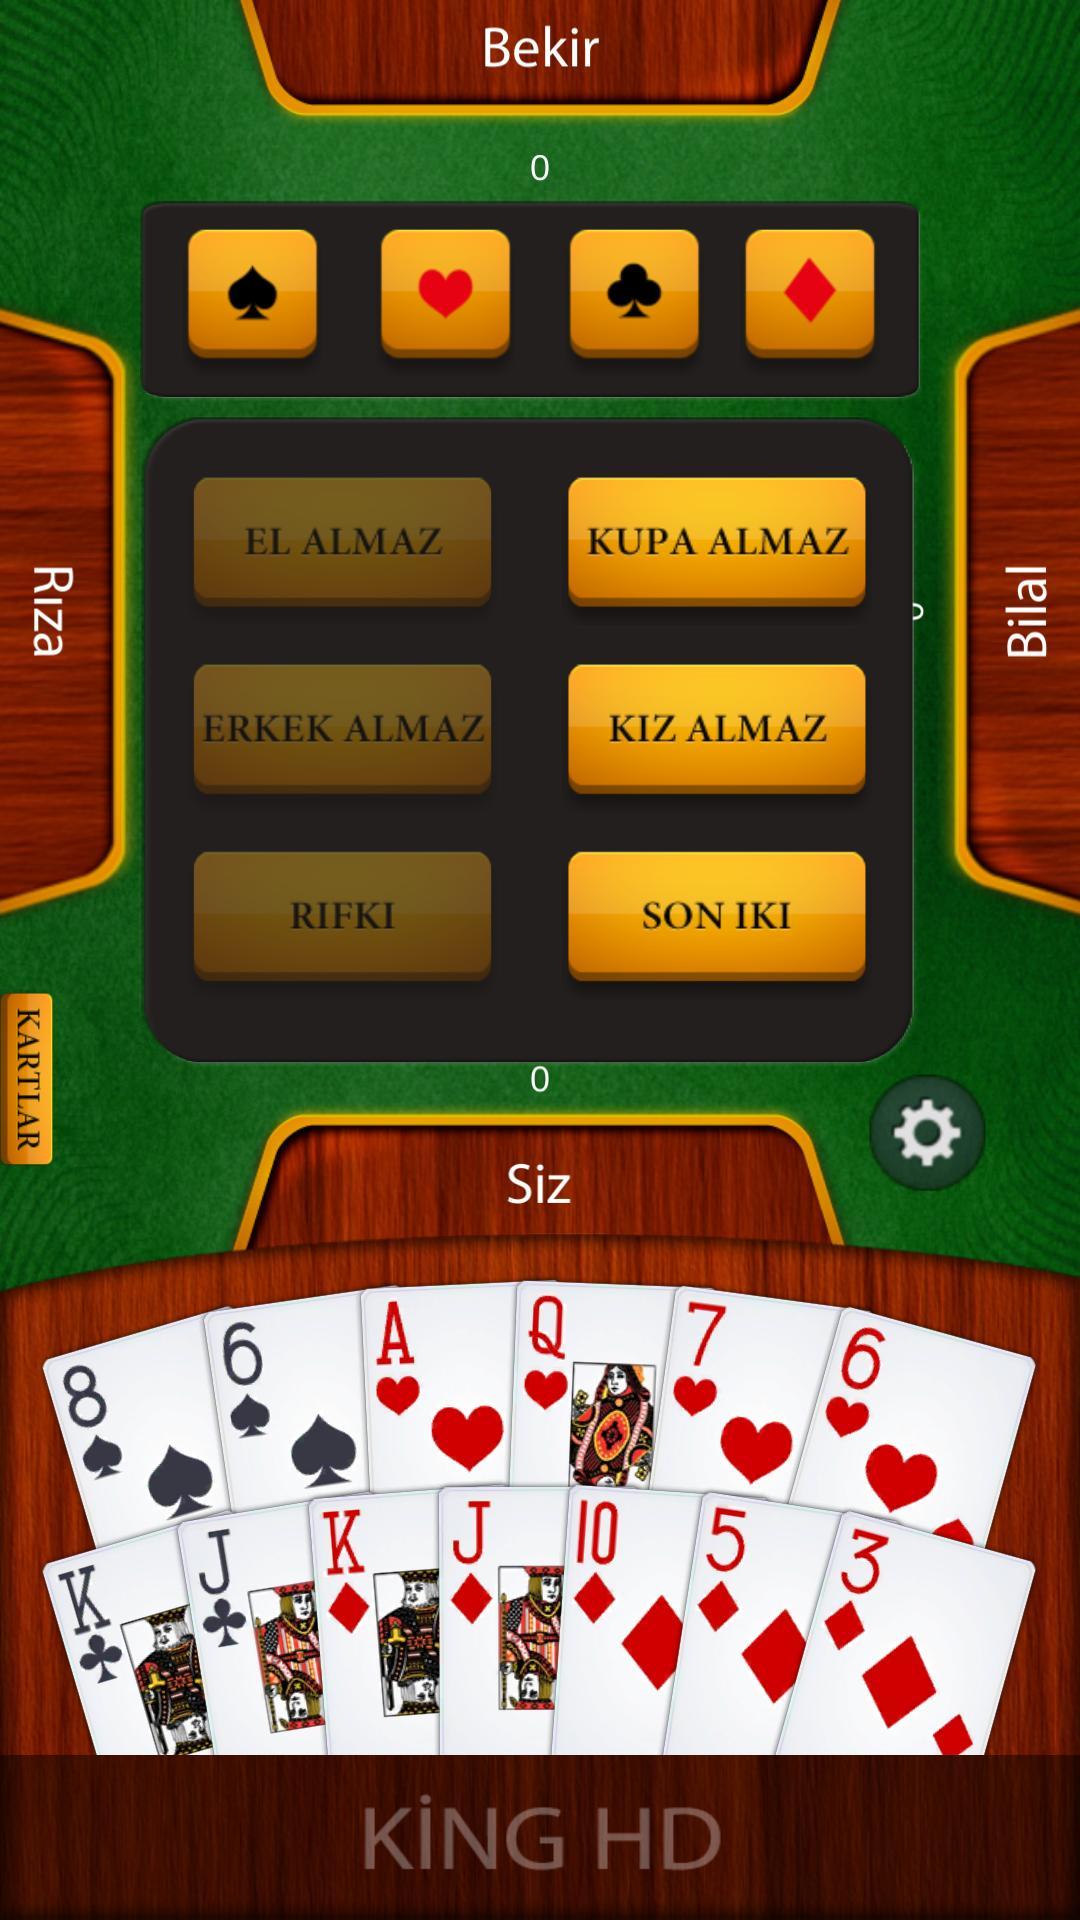 King HD Rıfkı 15 Screenshot 2